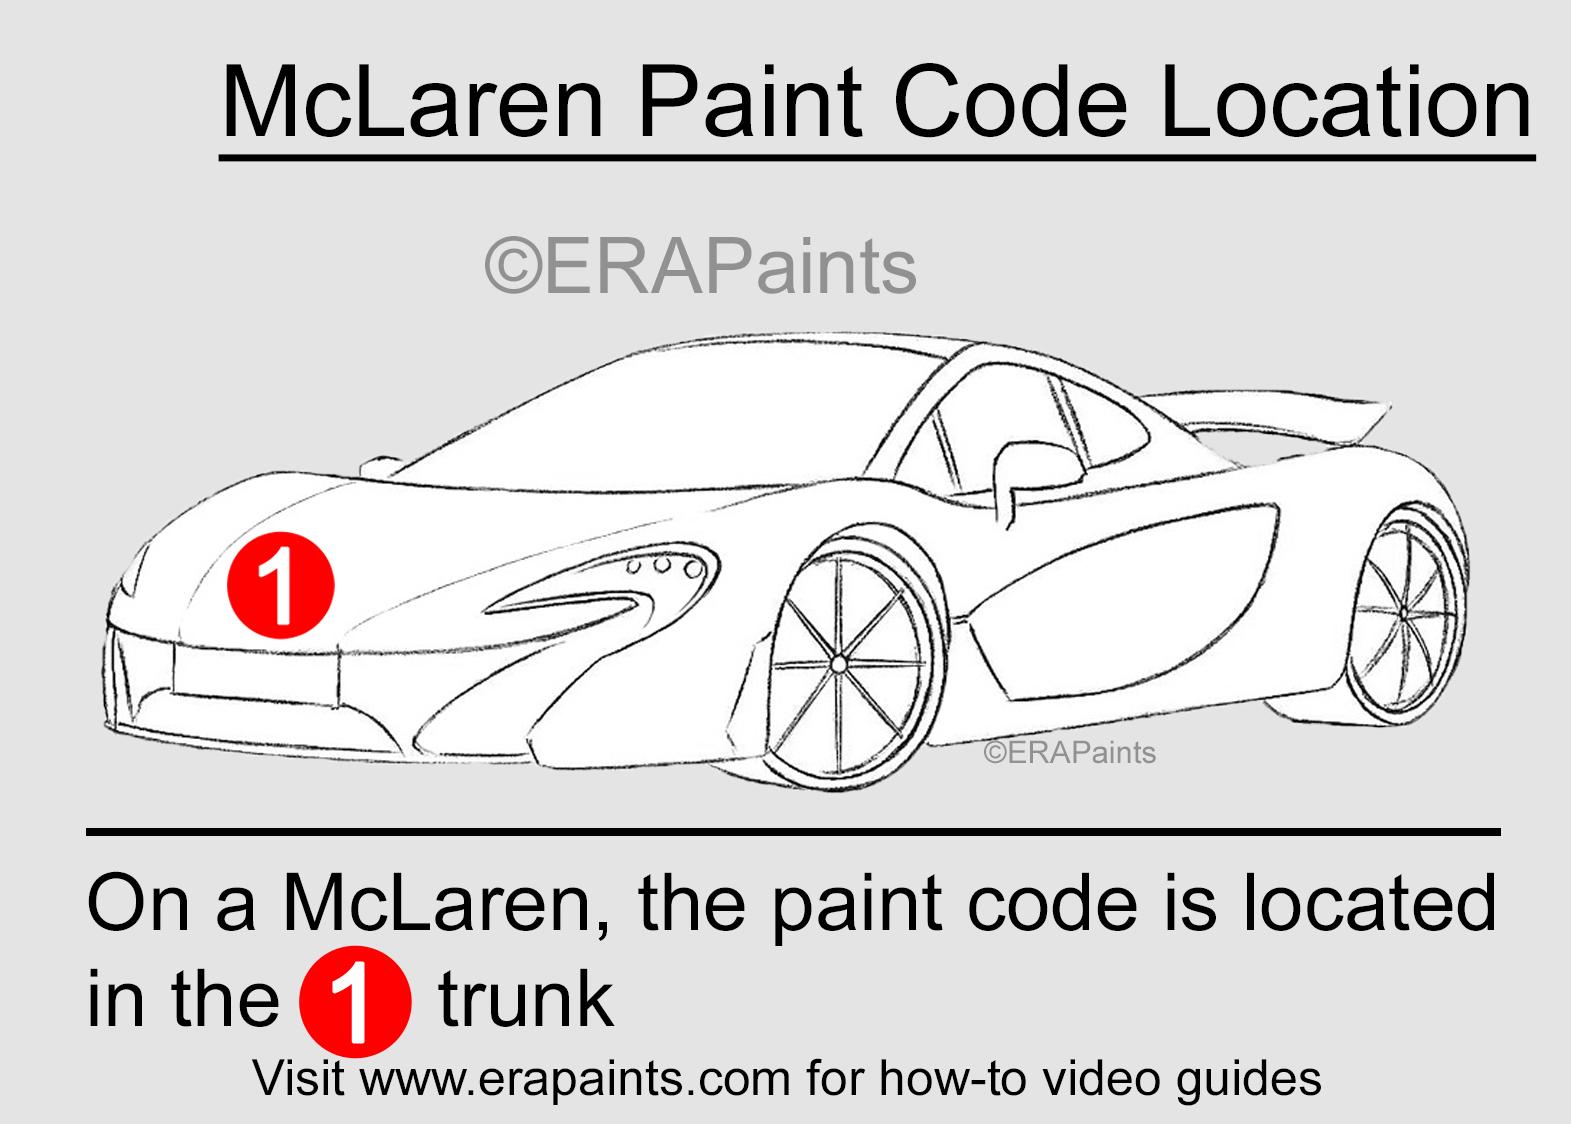 McLaren Paint Code Location